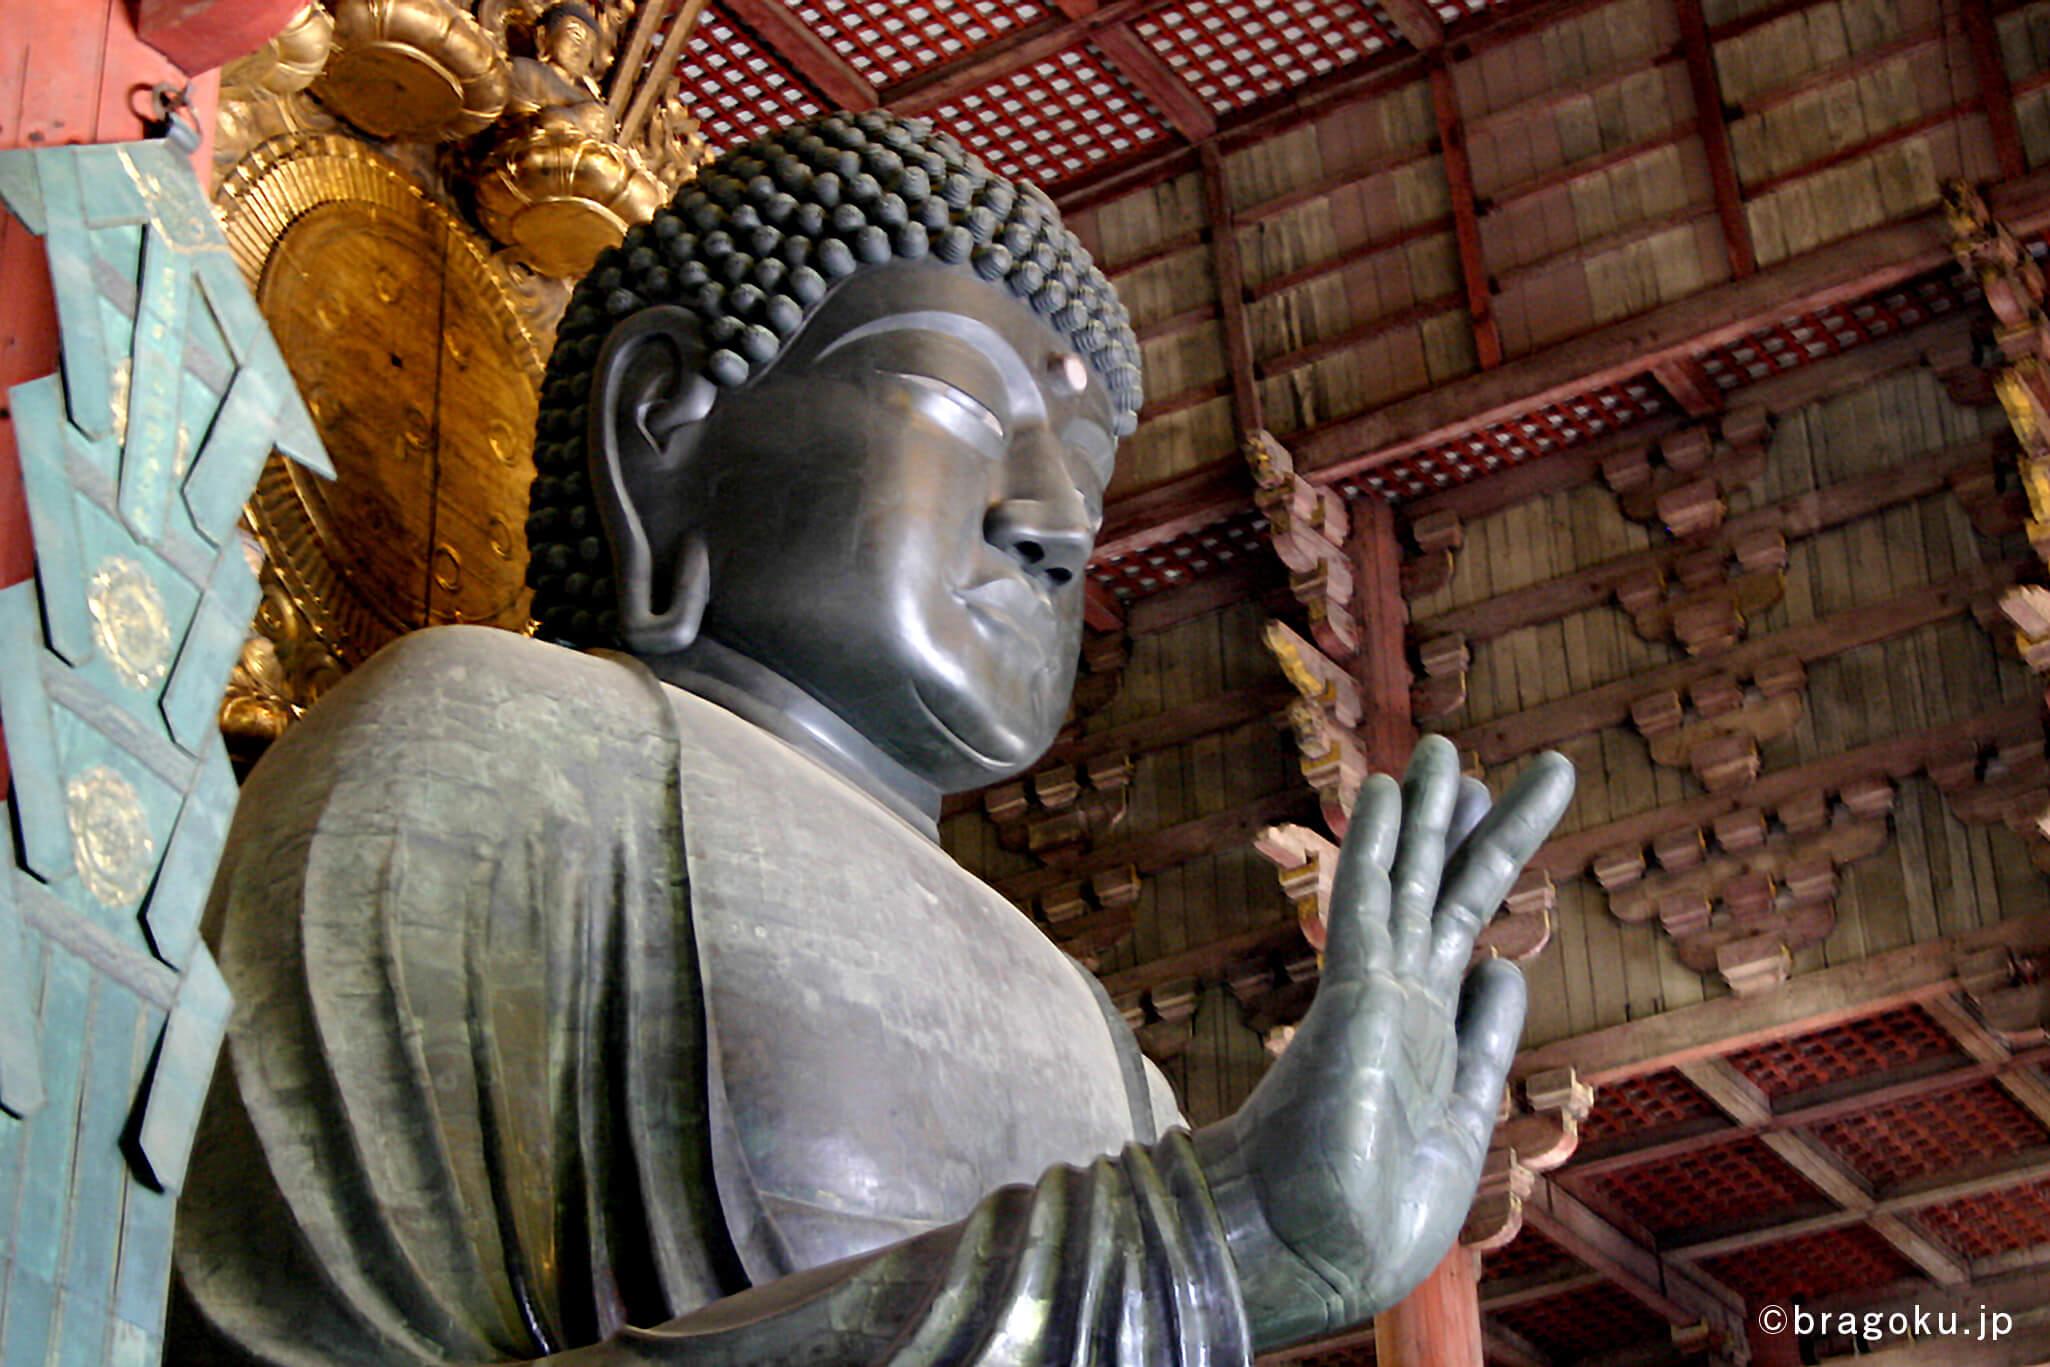 ブランド創出の極意(ブラゴク)の『作る』カテゴリの記事 How to クラウドファンディング内、国内のクラウドファンディング最古の例、奈良の大仏の見本画像